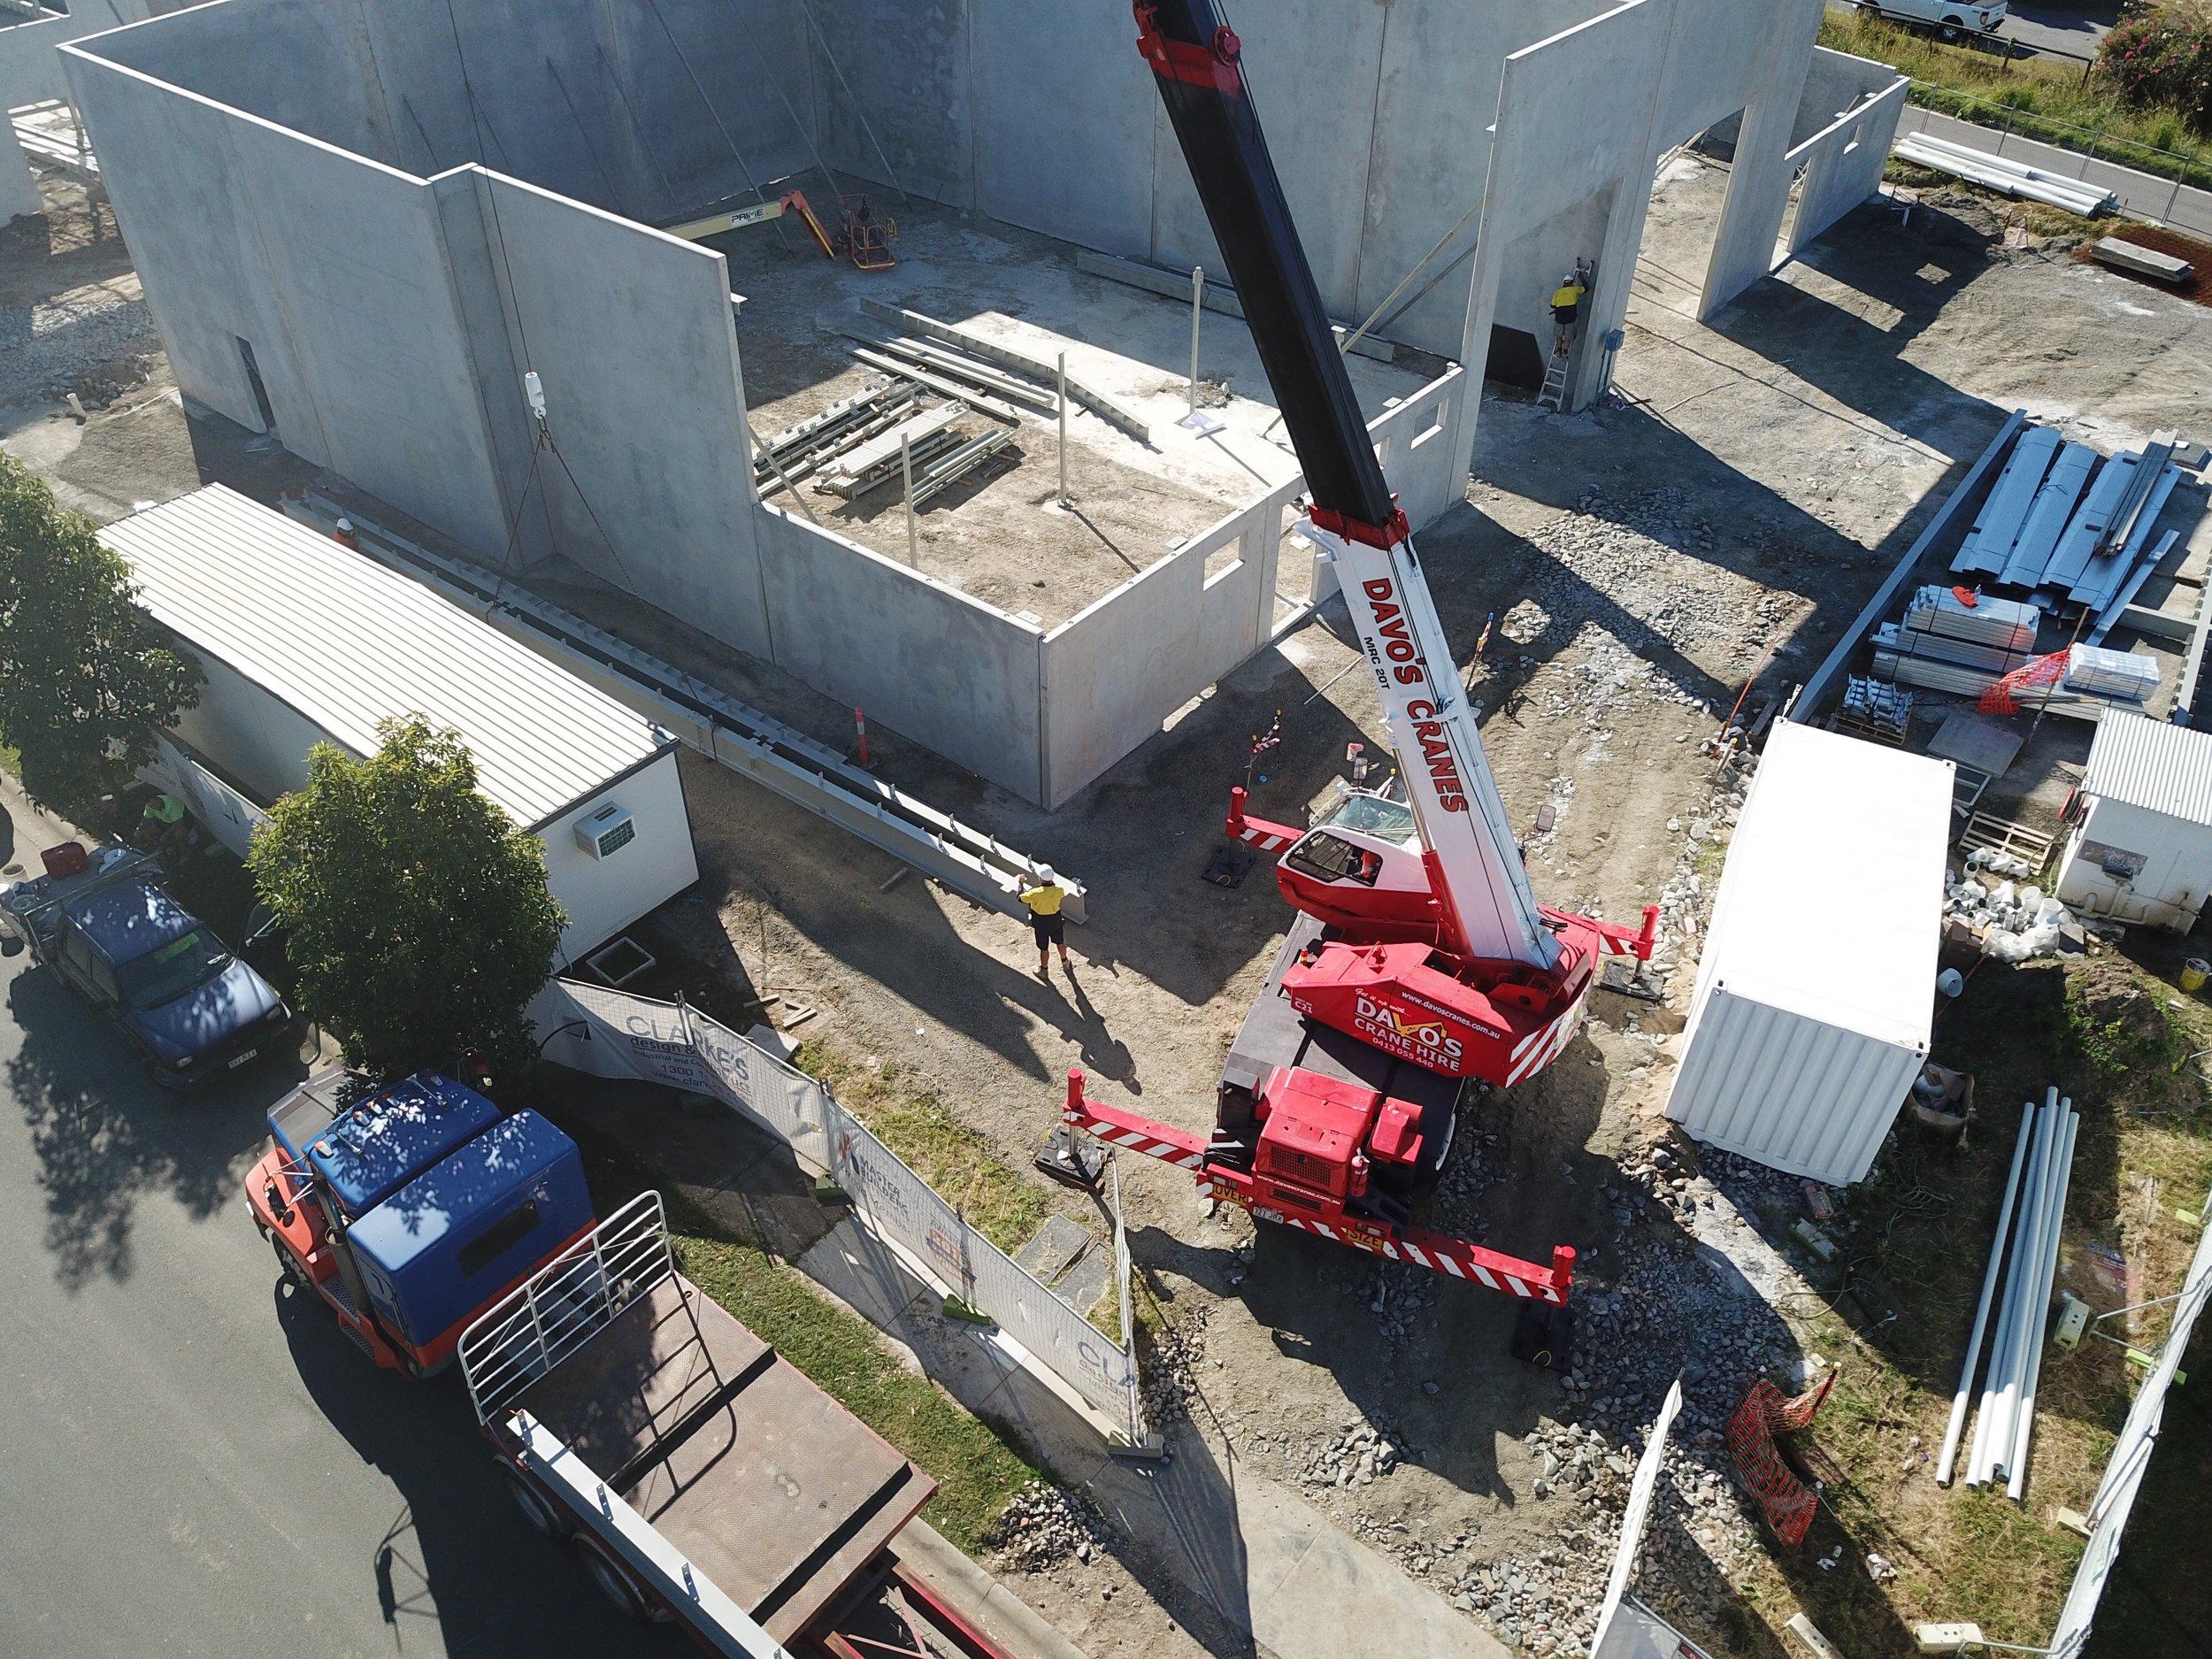 Capacity: 20t | Boom Length: 30.5m |Jib Length: 3.8m Maximum tip height: 35.1m | Jib Offset: 5º, 25º, 45º(fixed) Crane Width: 2.80m | Crane Length: 8.9m Weight: 24,000kgs